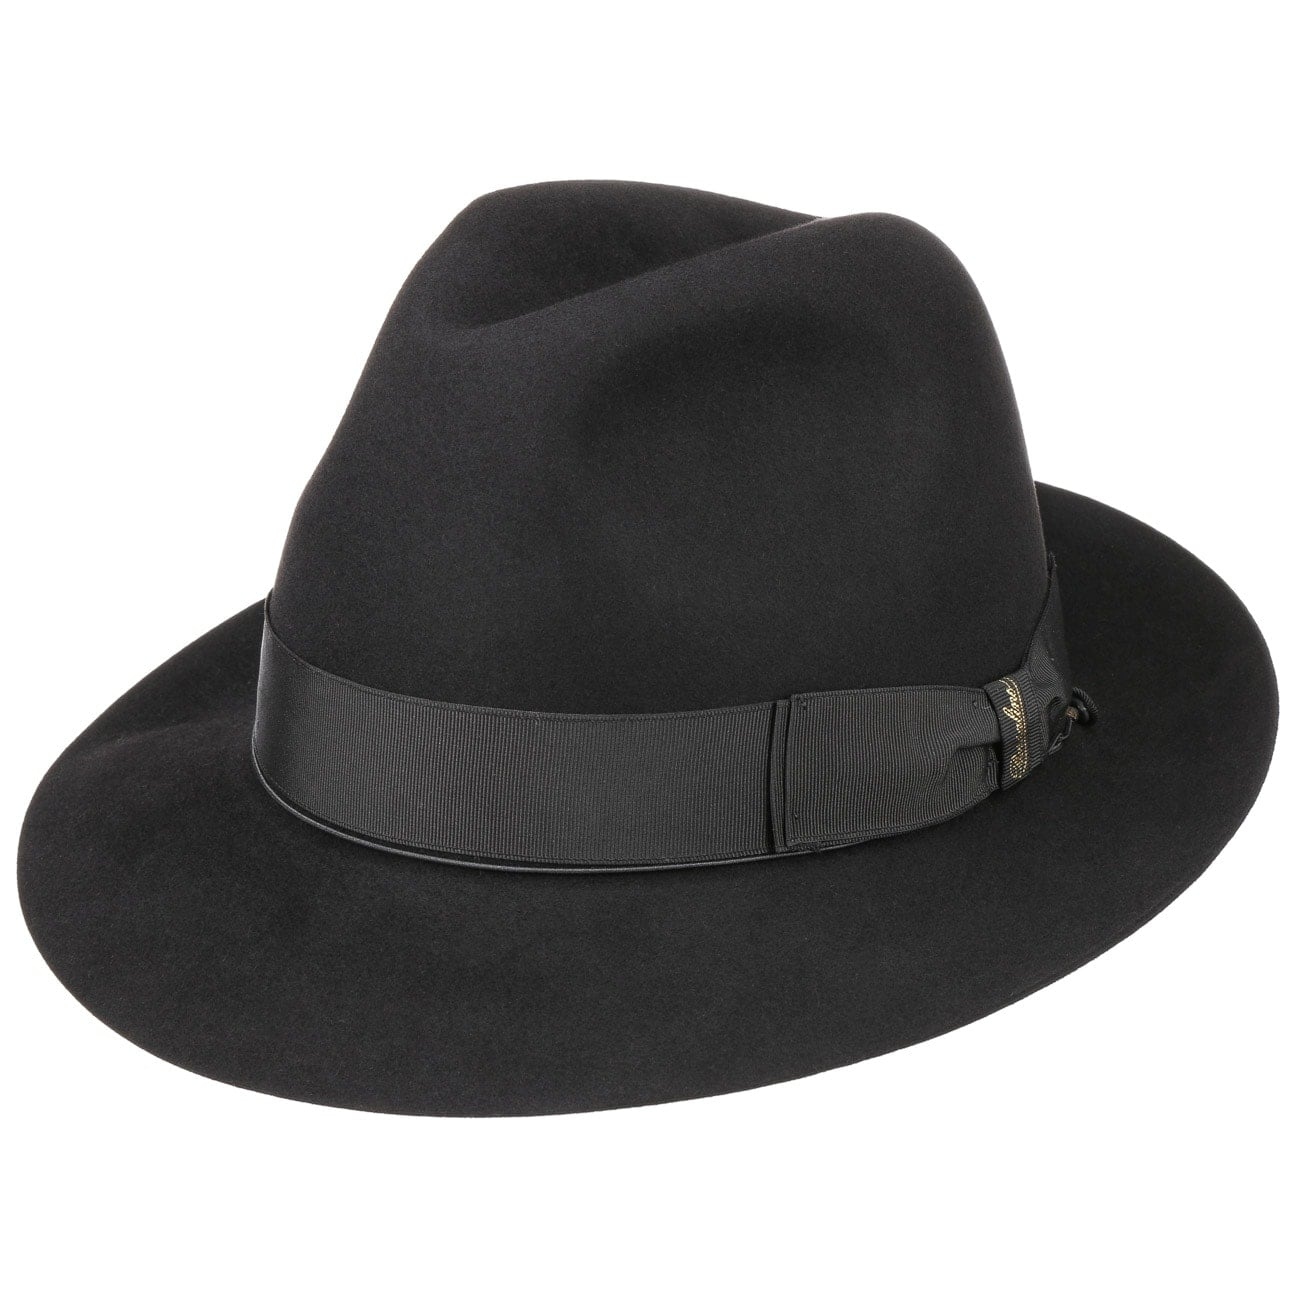 Sombrero de Pelo de Hombre by Borsalino  fedora